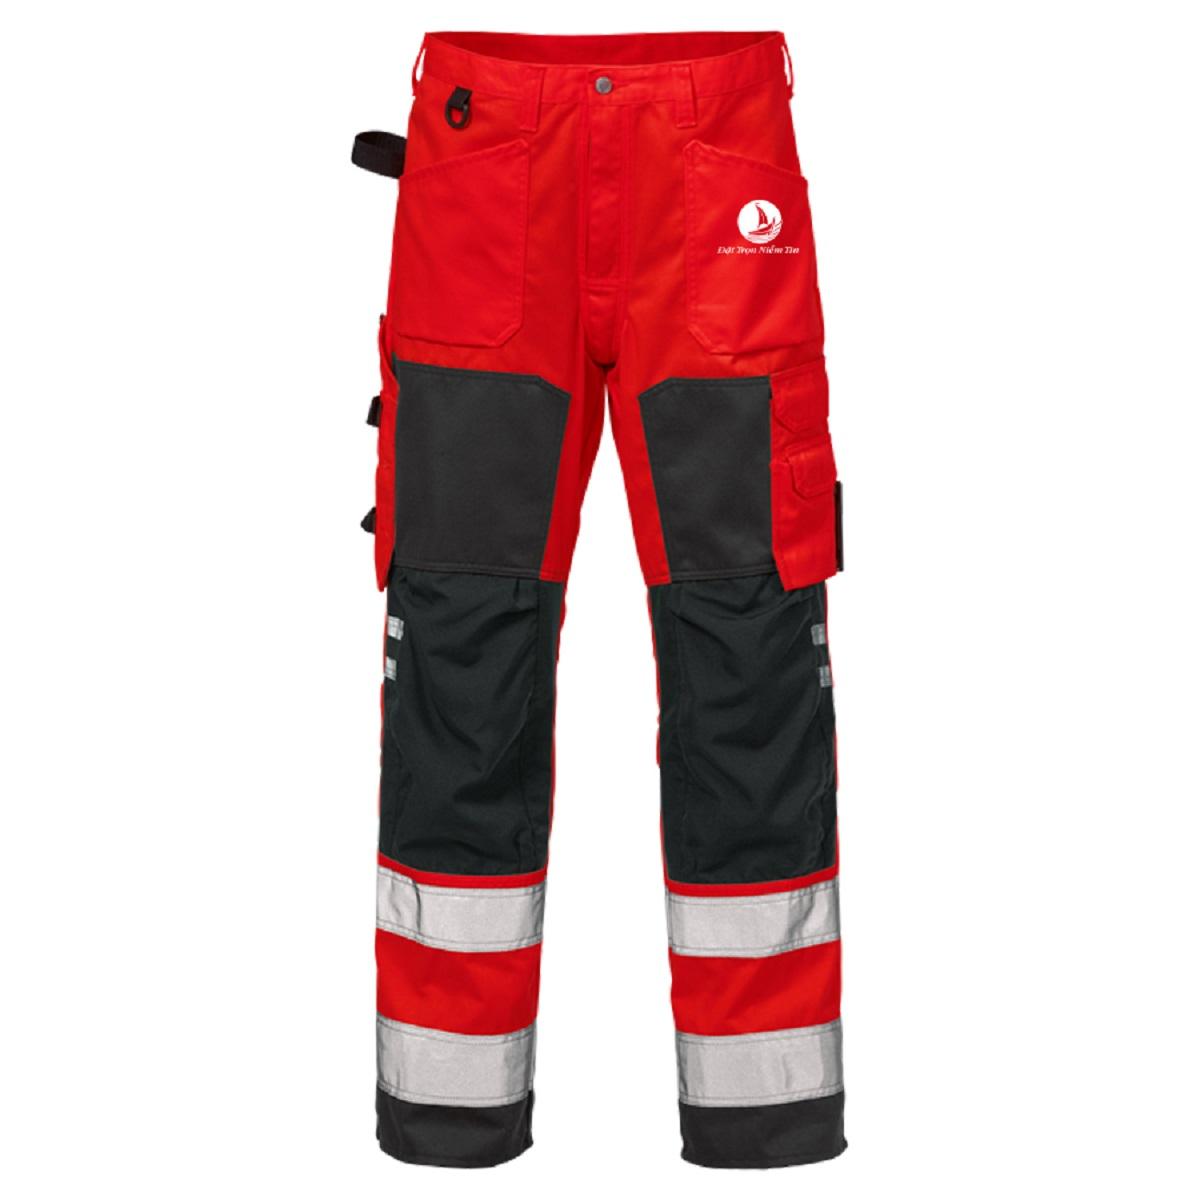 Mẫu đồng phục bảo hộ quần mã BO-QBH01 – Đỏ